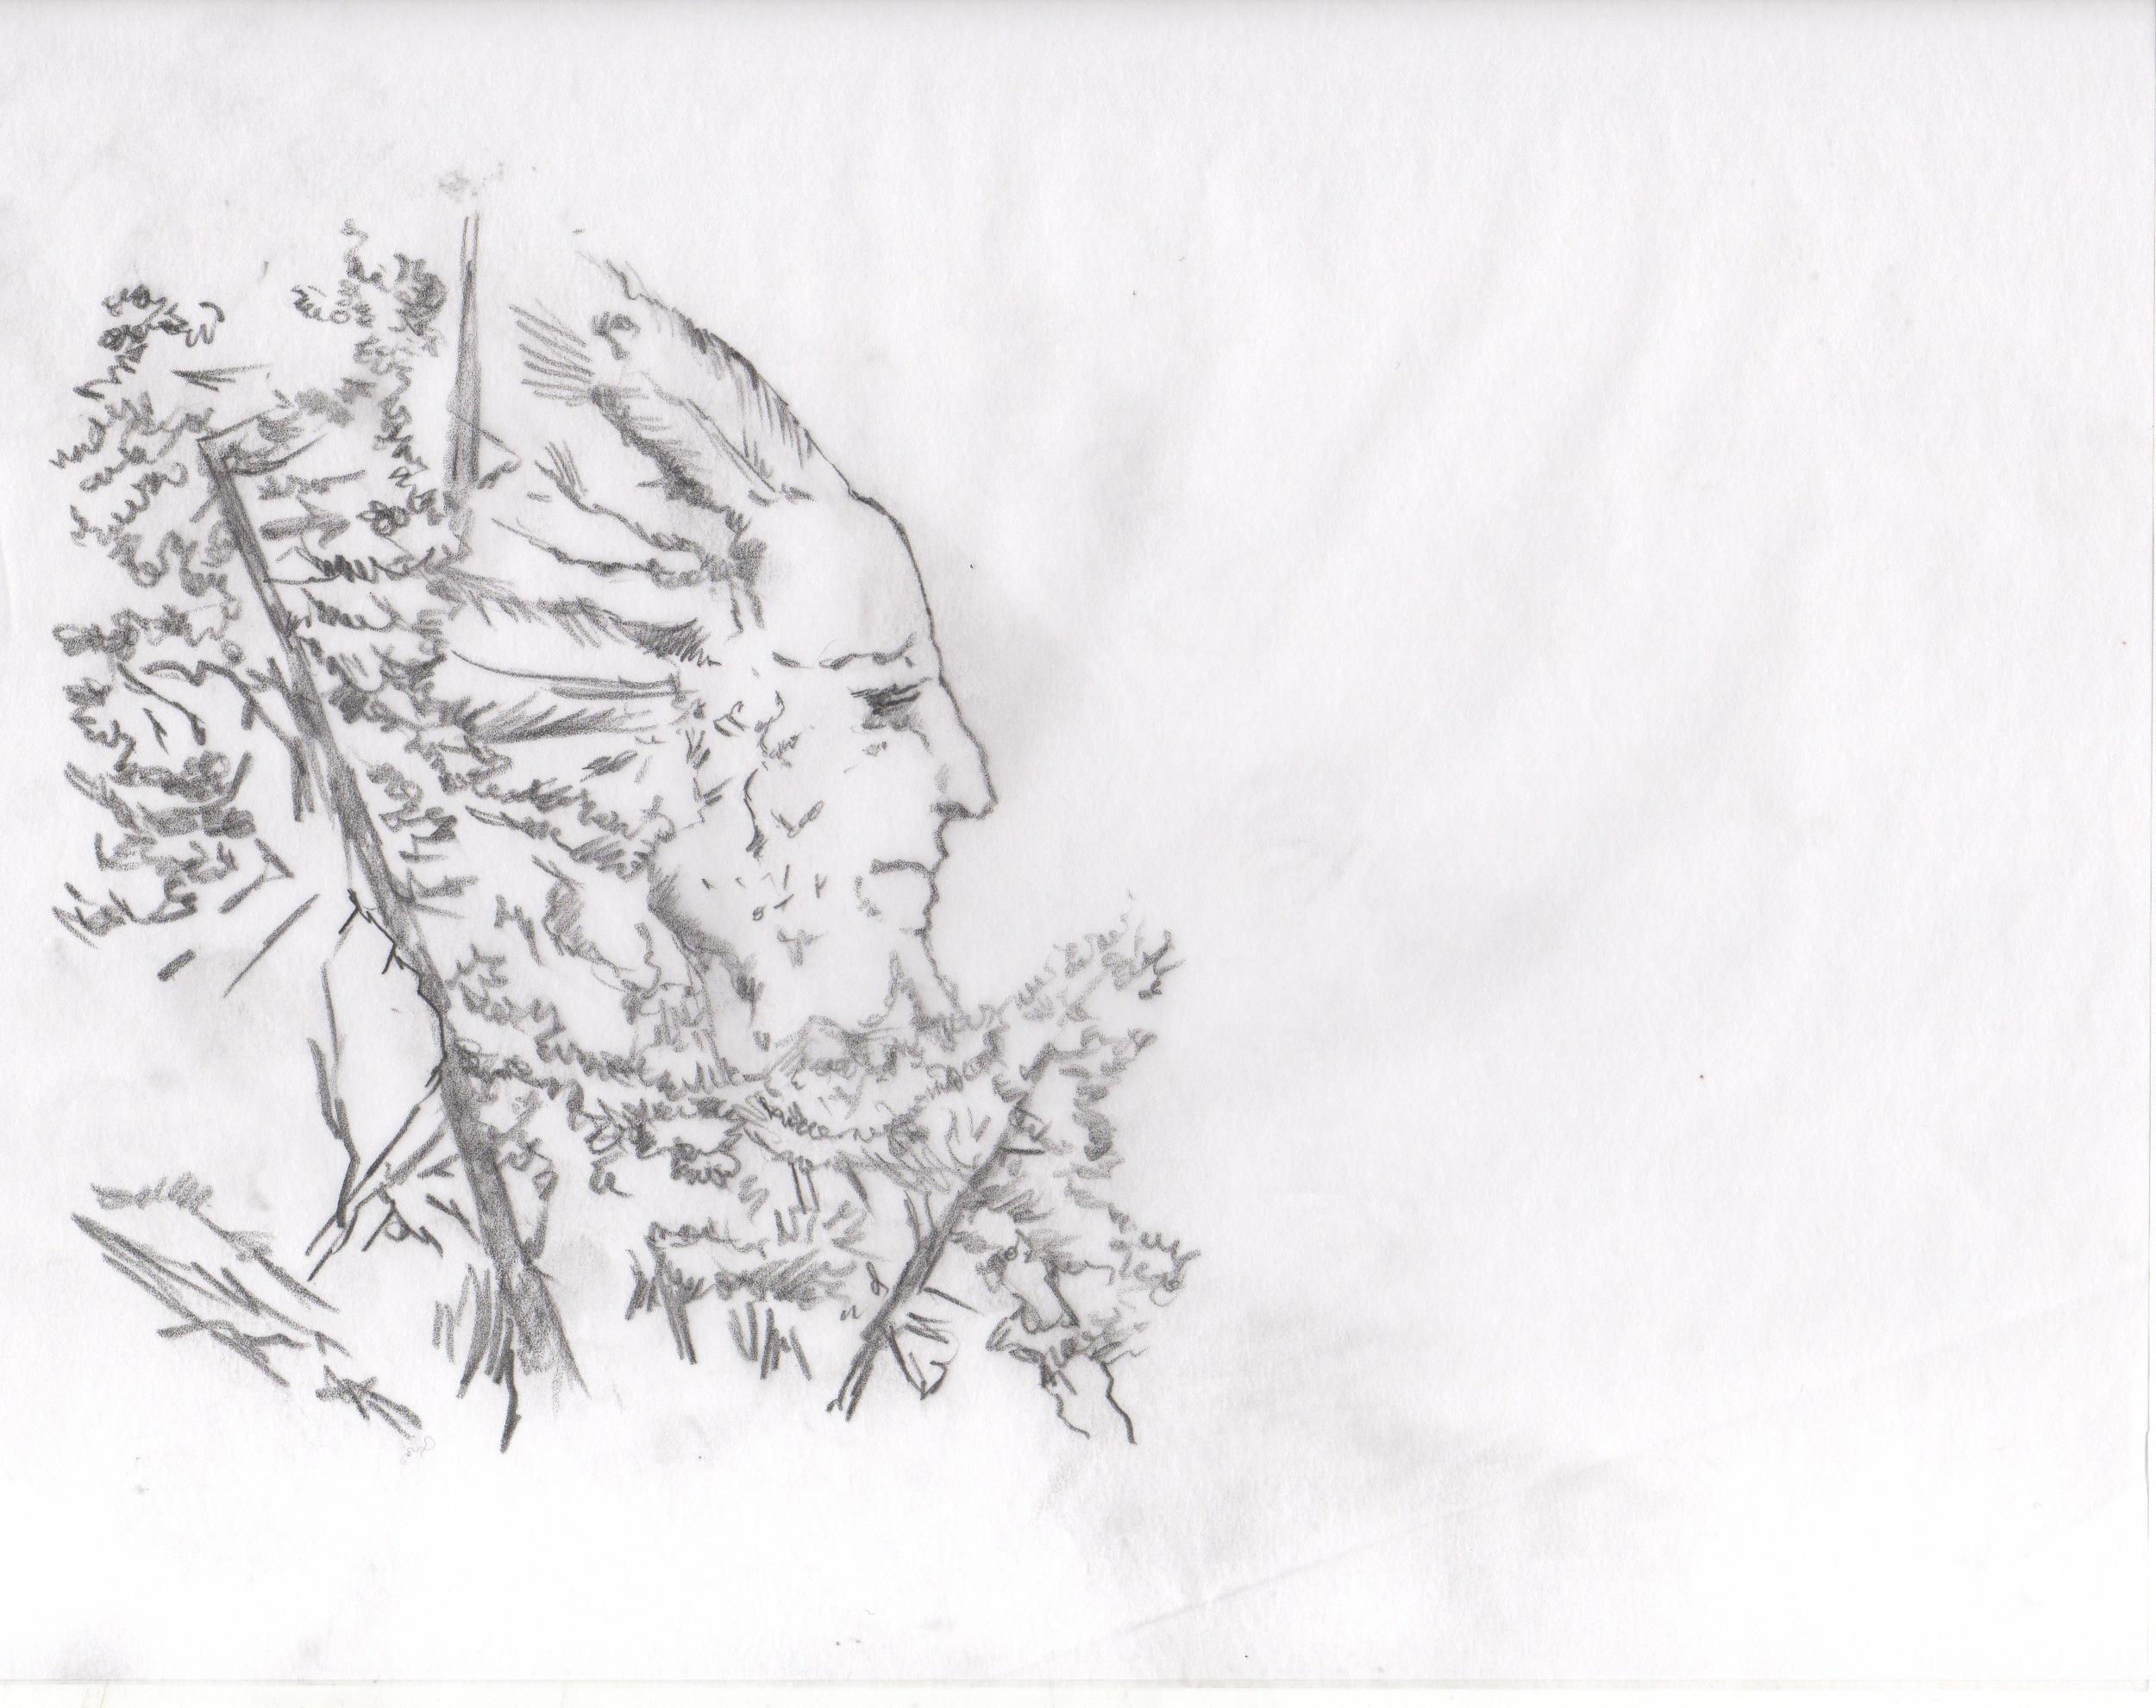 Frame (pencil sketch) for Opener for Hard Rock Medical TV series